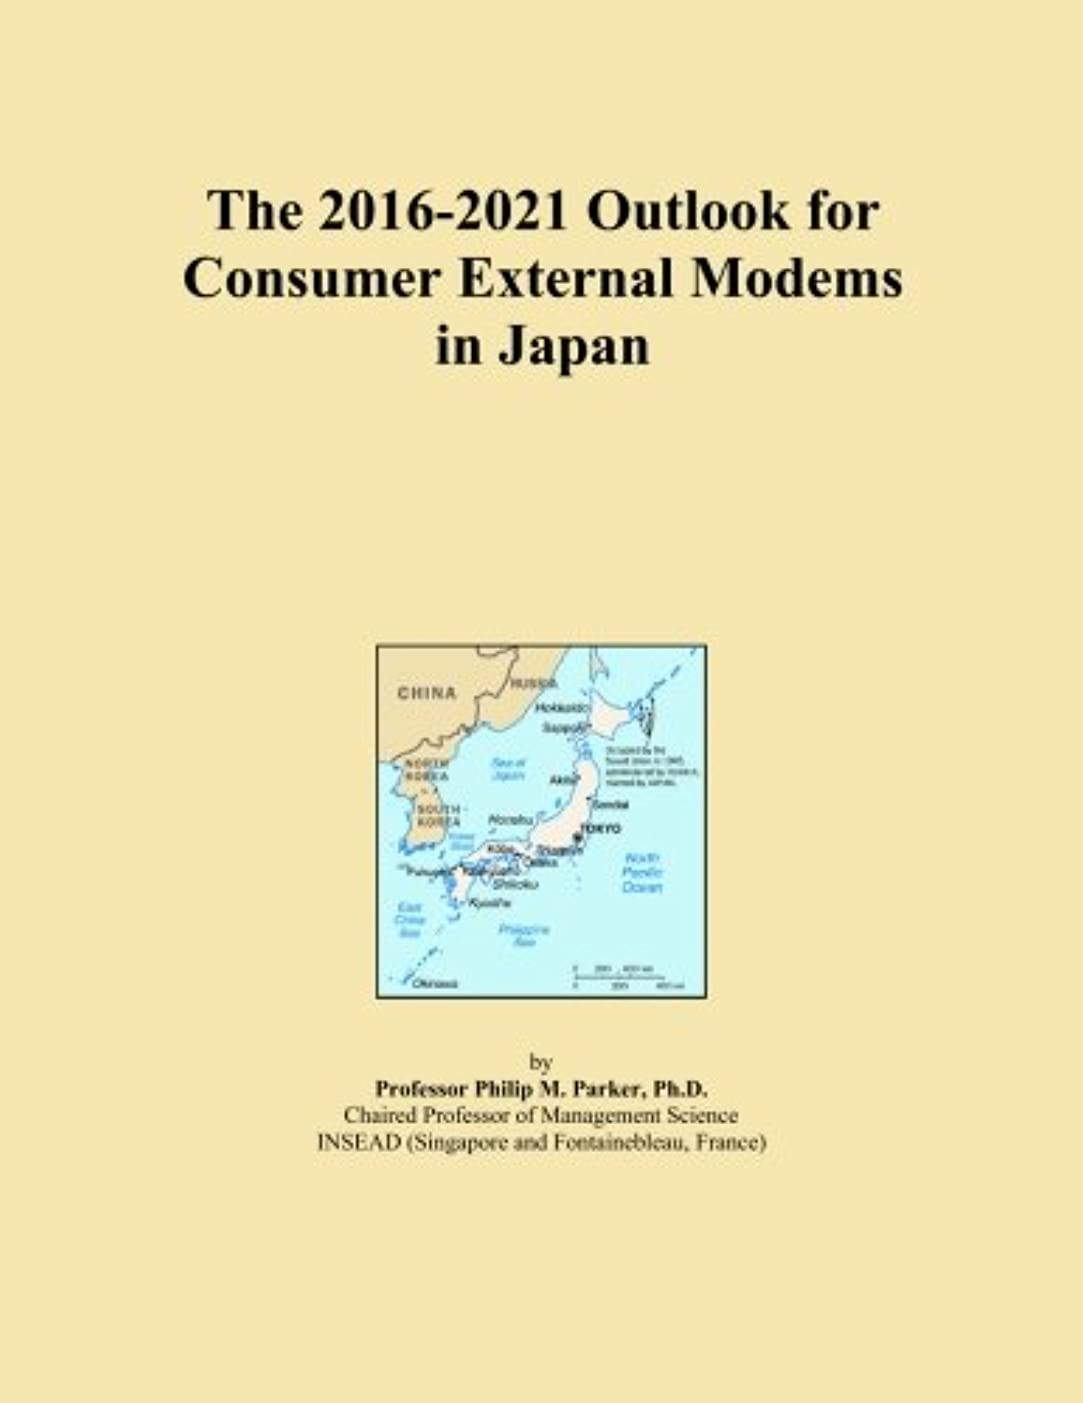 かんがい結婚式ネットThe 2016-2021 Outlook for Consumer External Modems in Japan